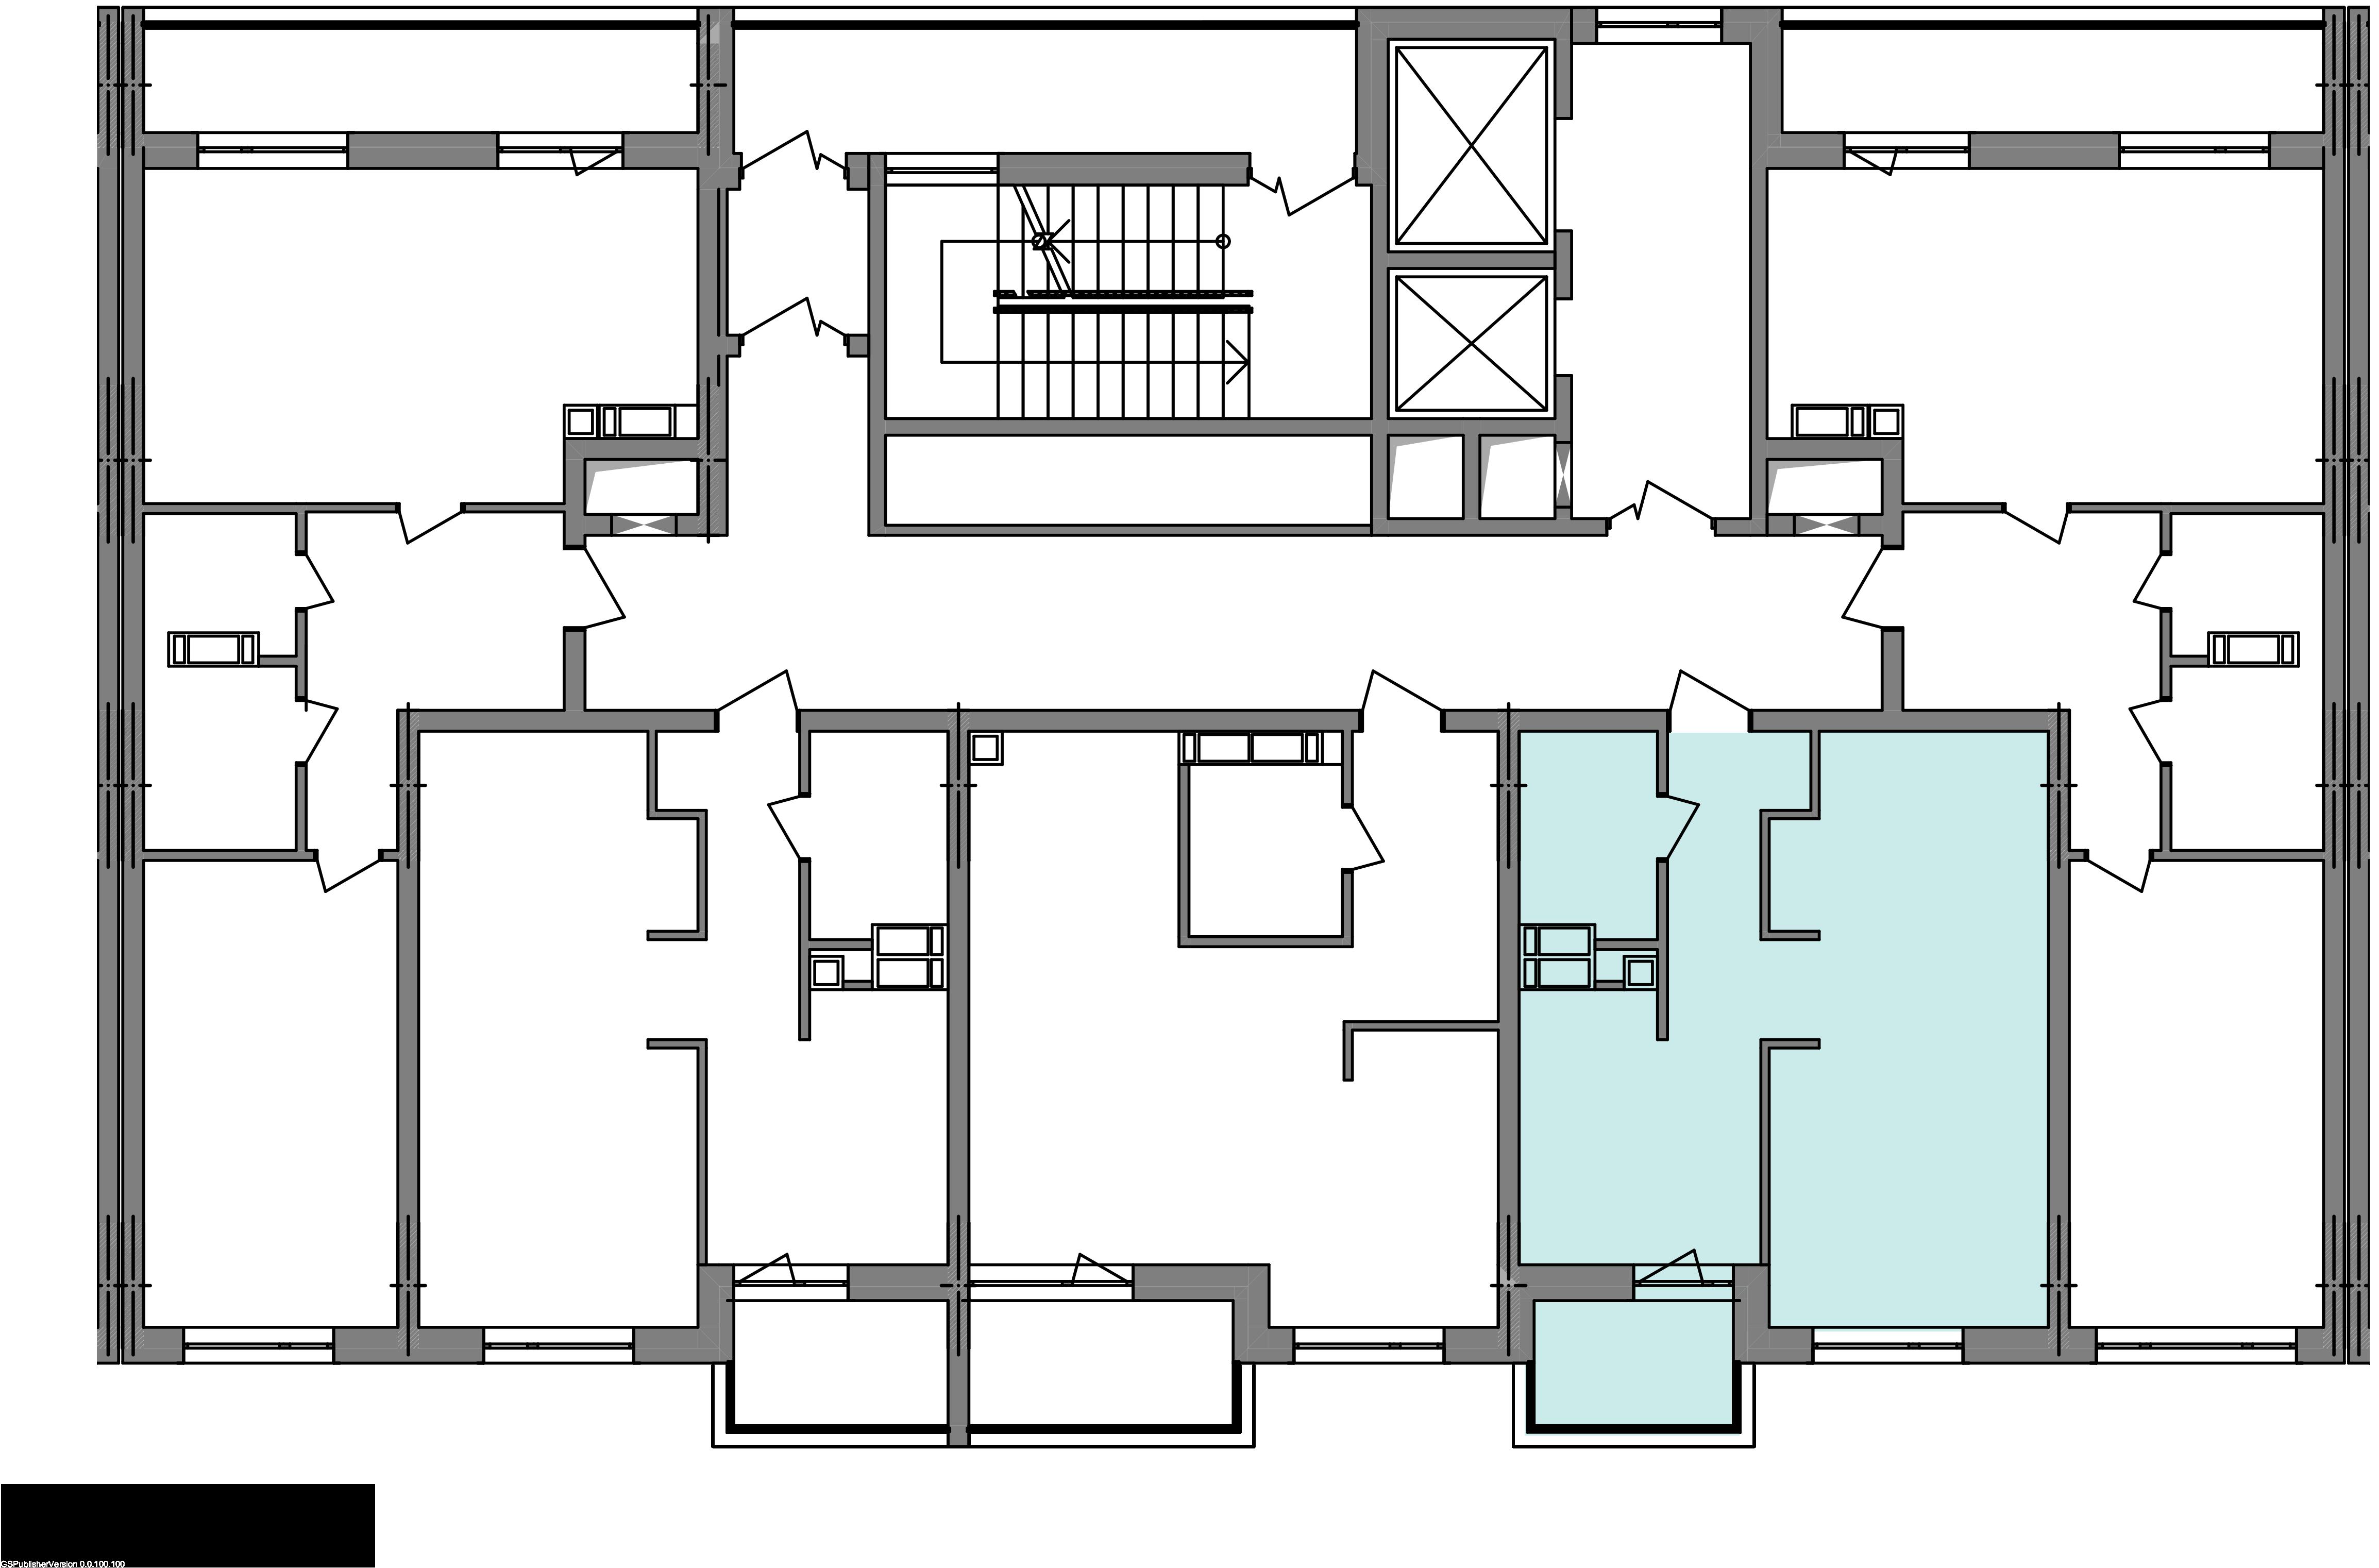 Однокімнатна квартира 40,83 кв.м., тип 1.1, будинок 3 секція 2 розташування на поверсі